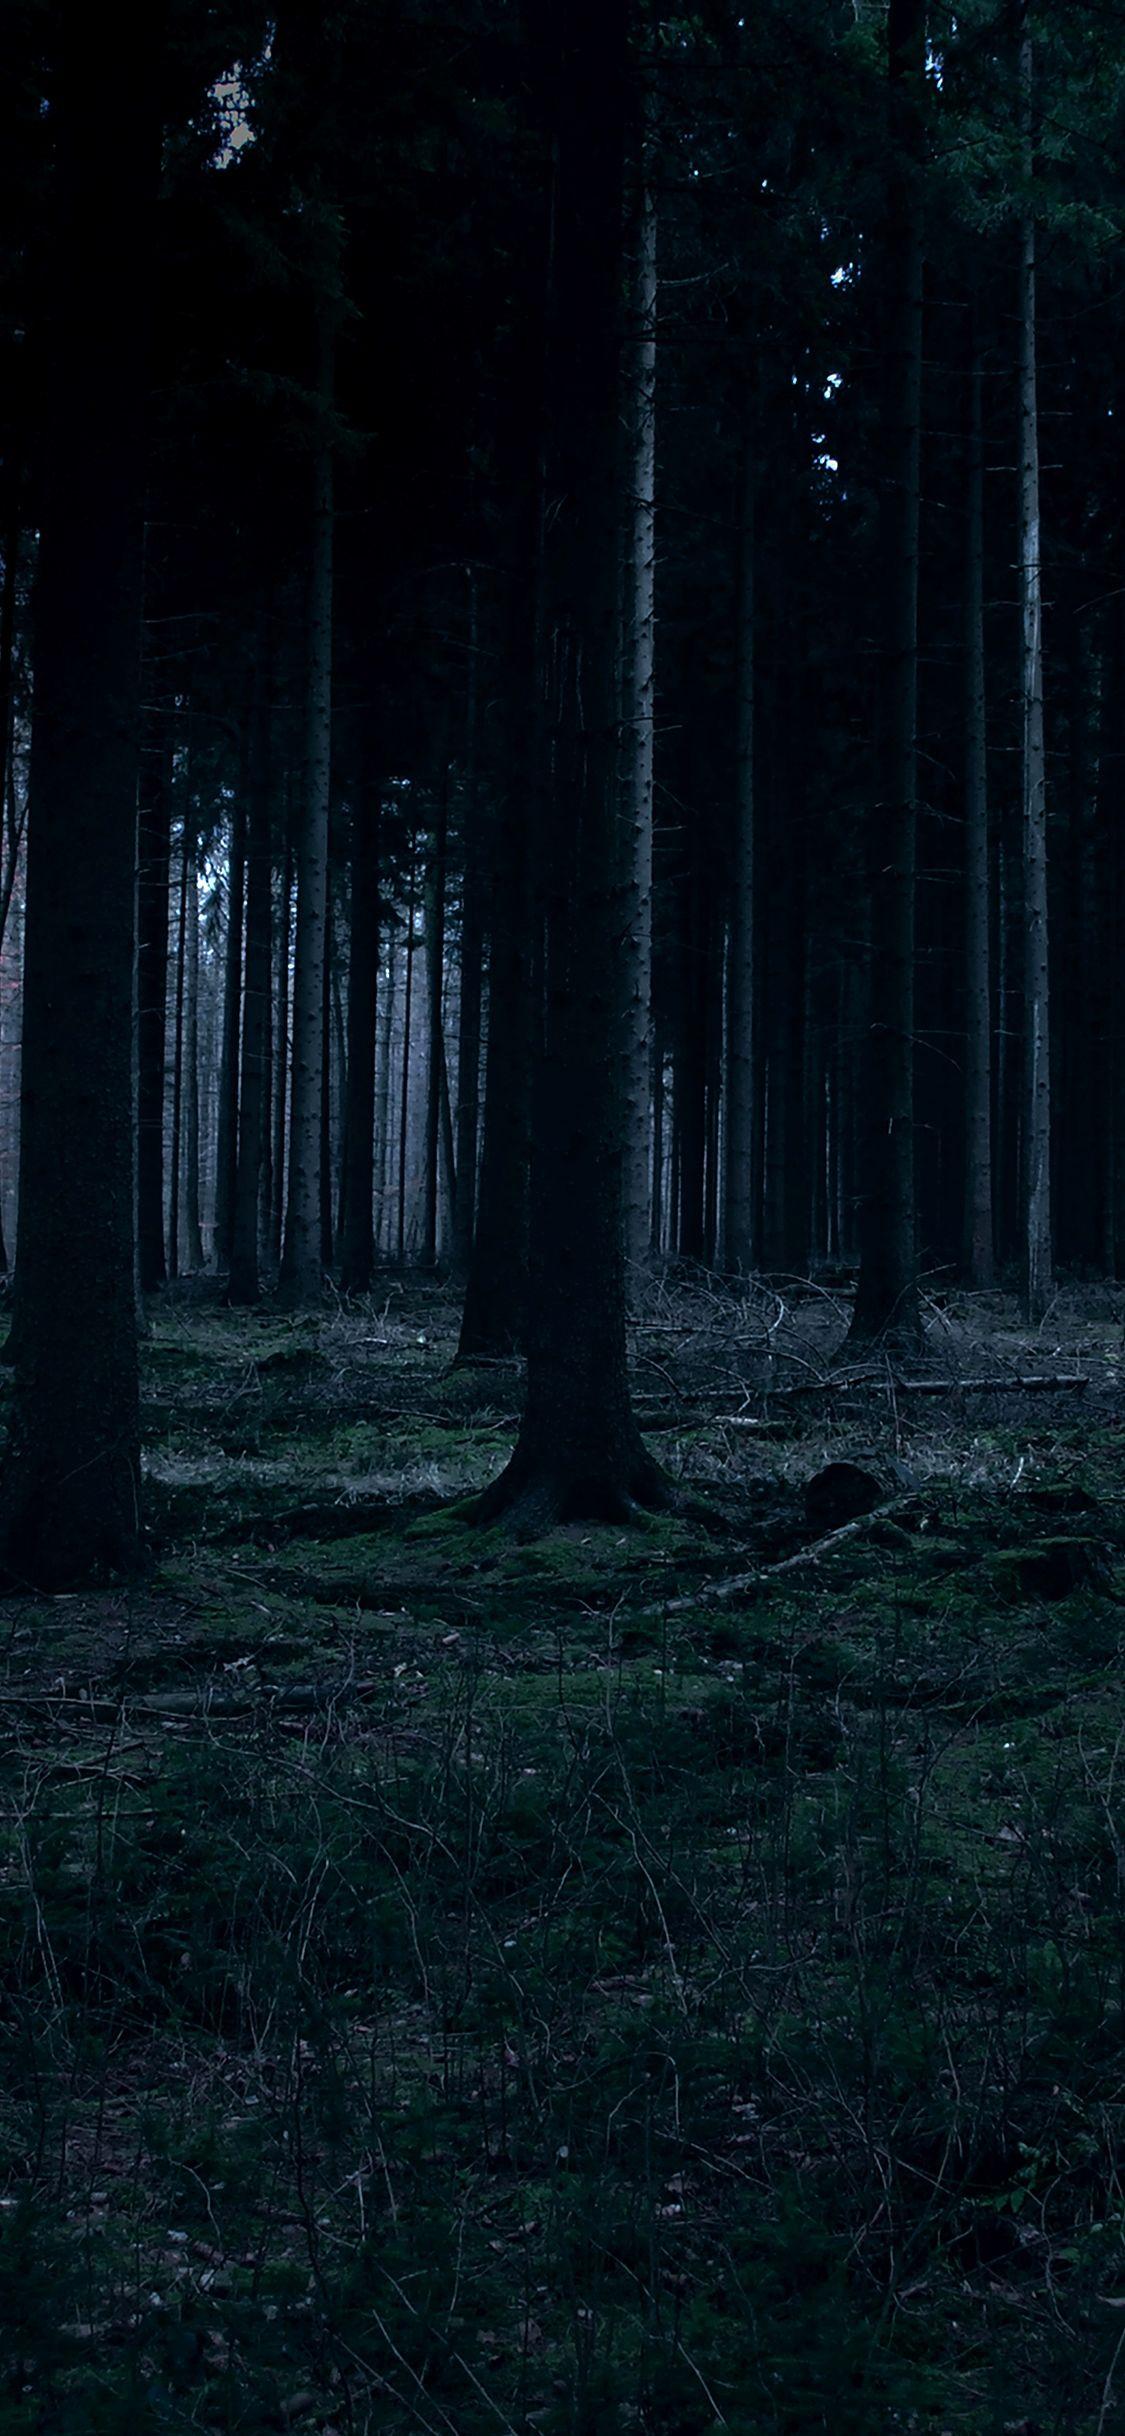 Forest Iphone Wallpaper Ideas #darkiphonewallpaper